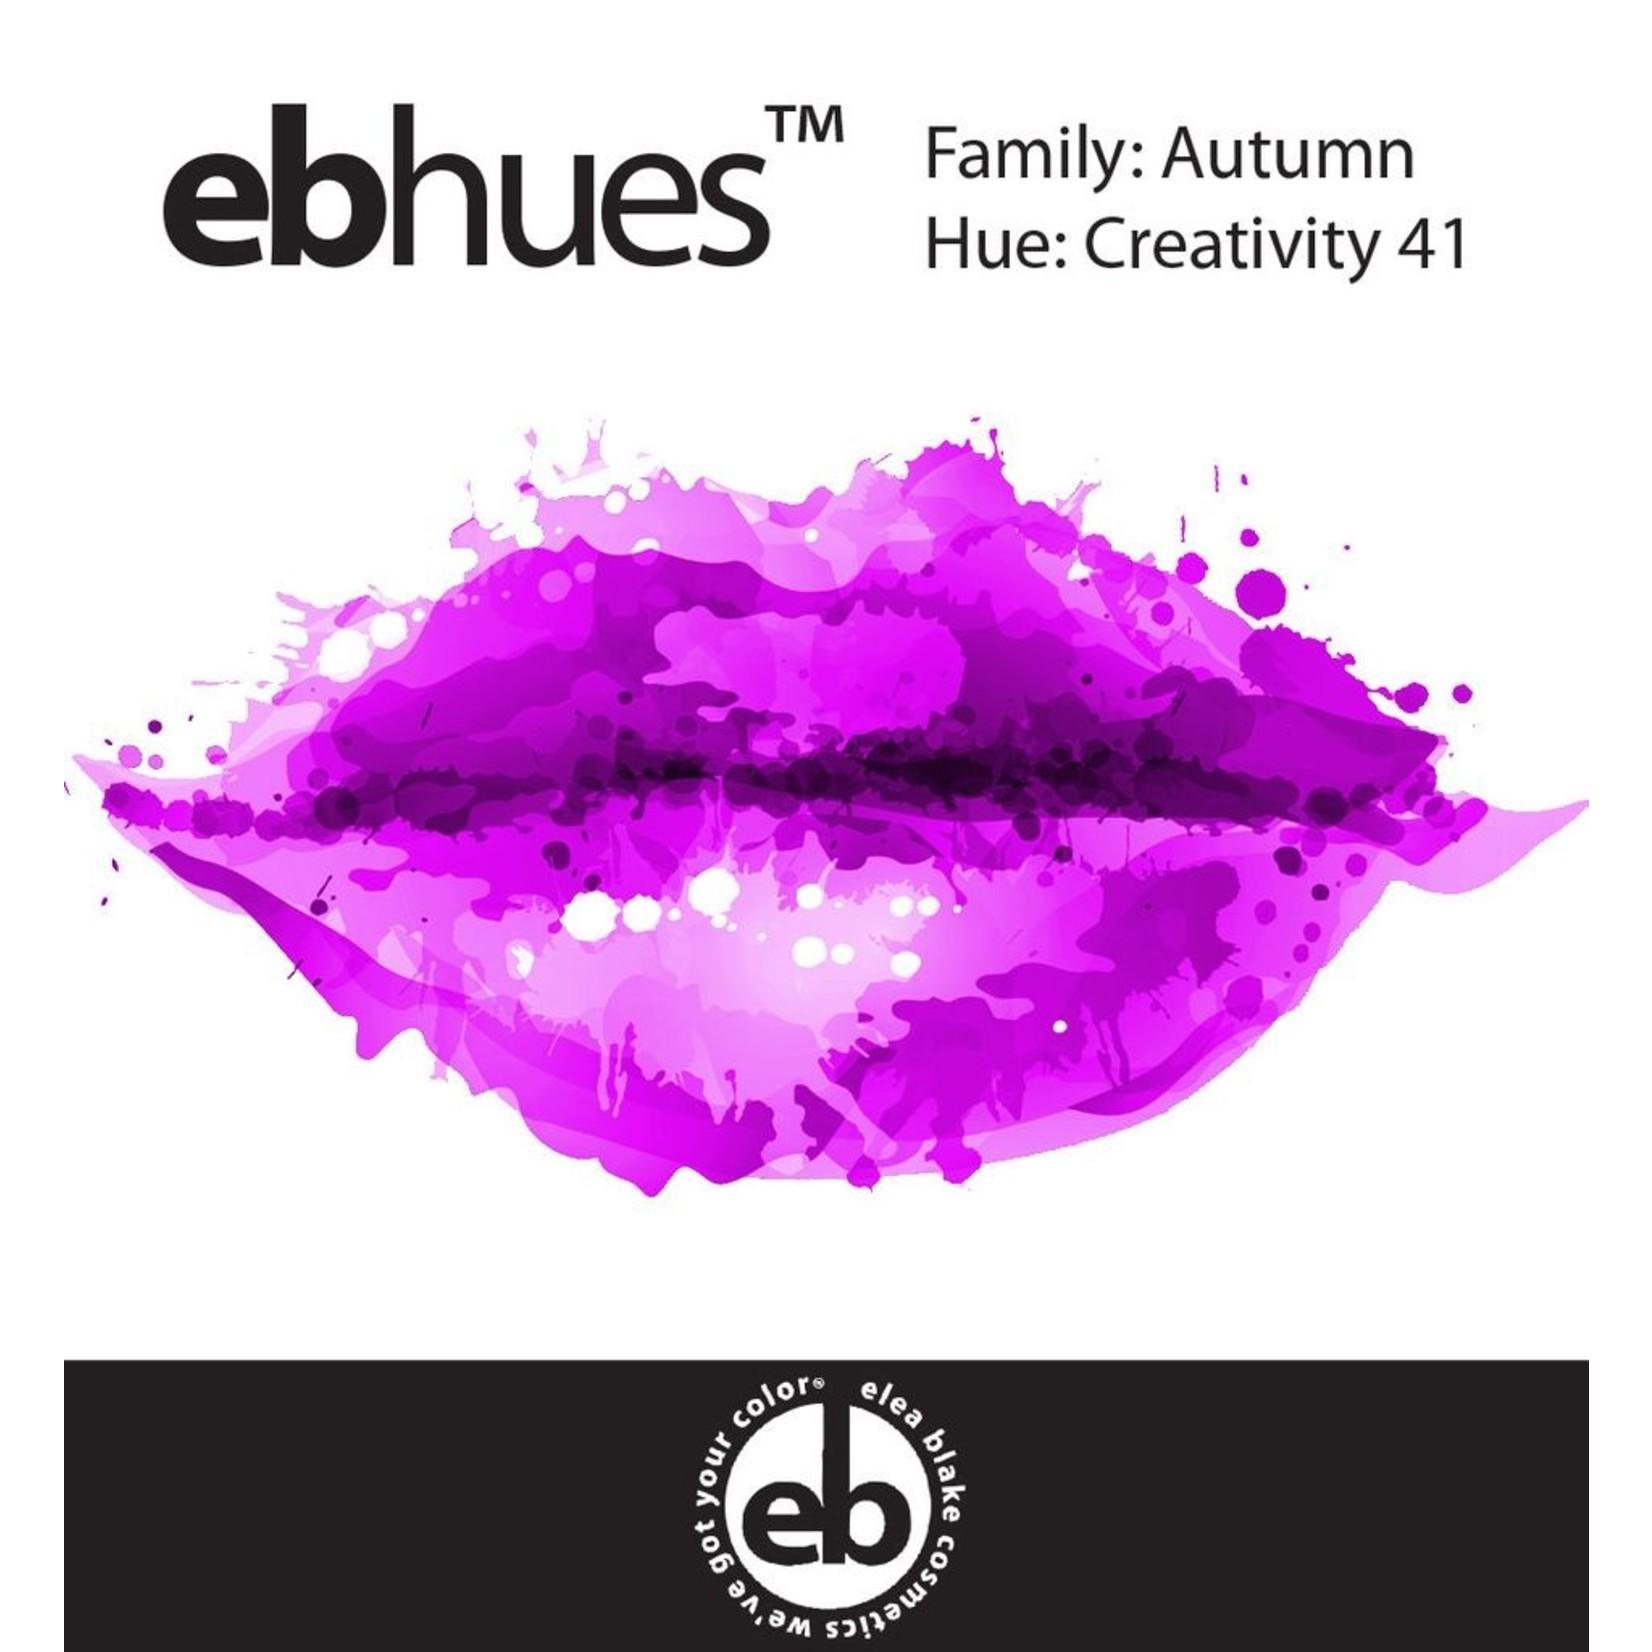 Creativity 41 - Autumn